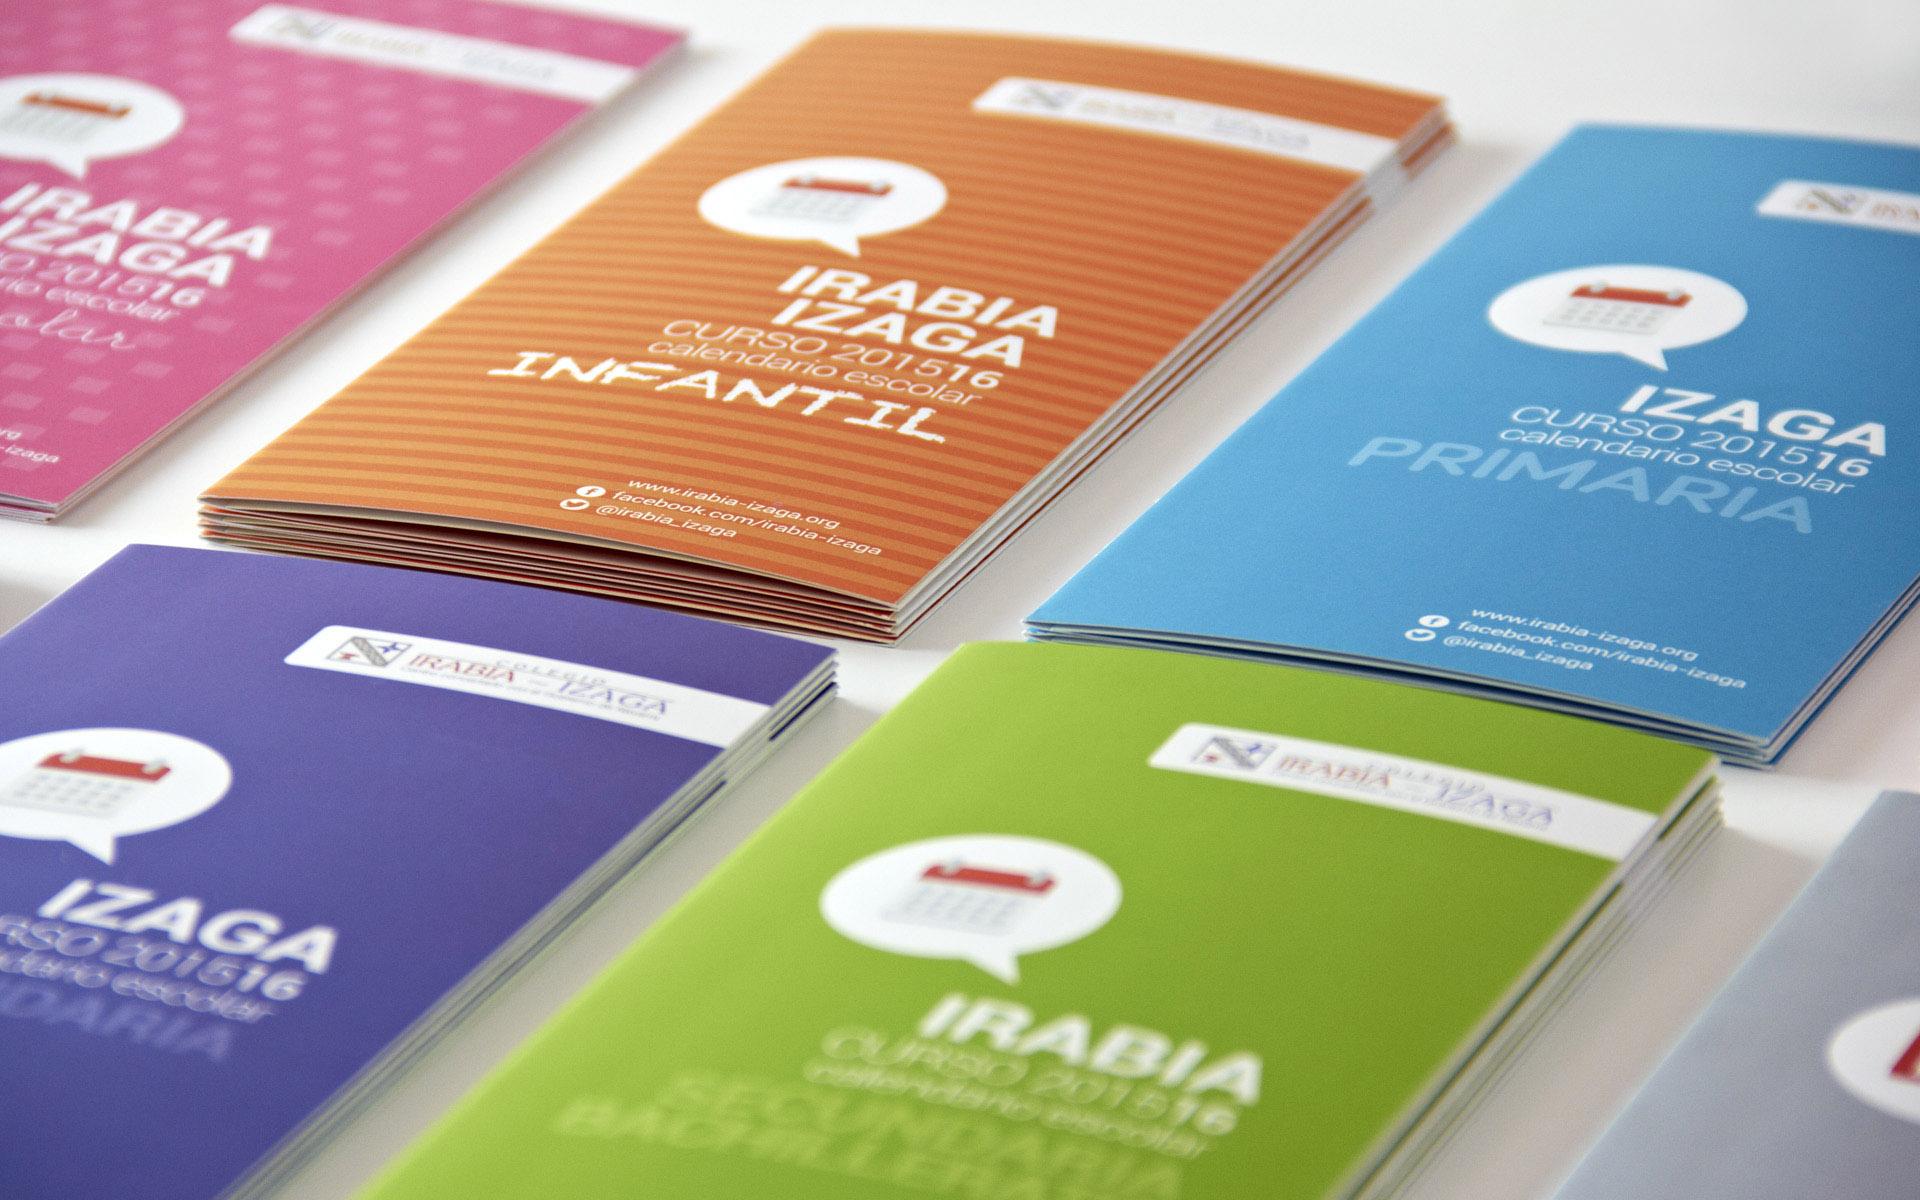 calendario-y-agenda-escolar-colegio-irabia-izaga-calle-mayor-comunicacion-y-publicidad